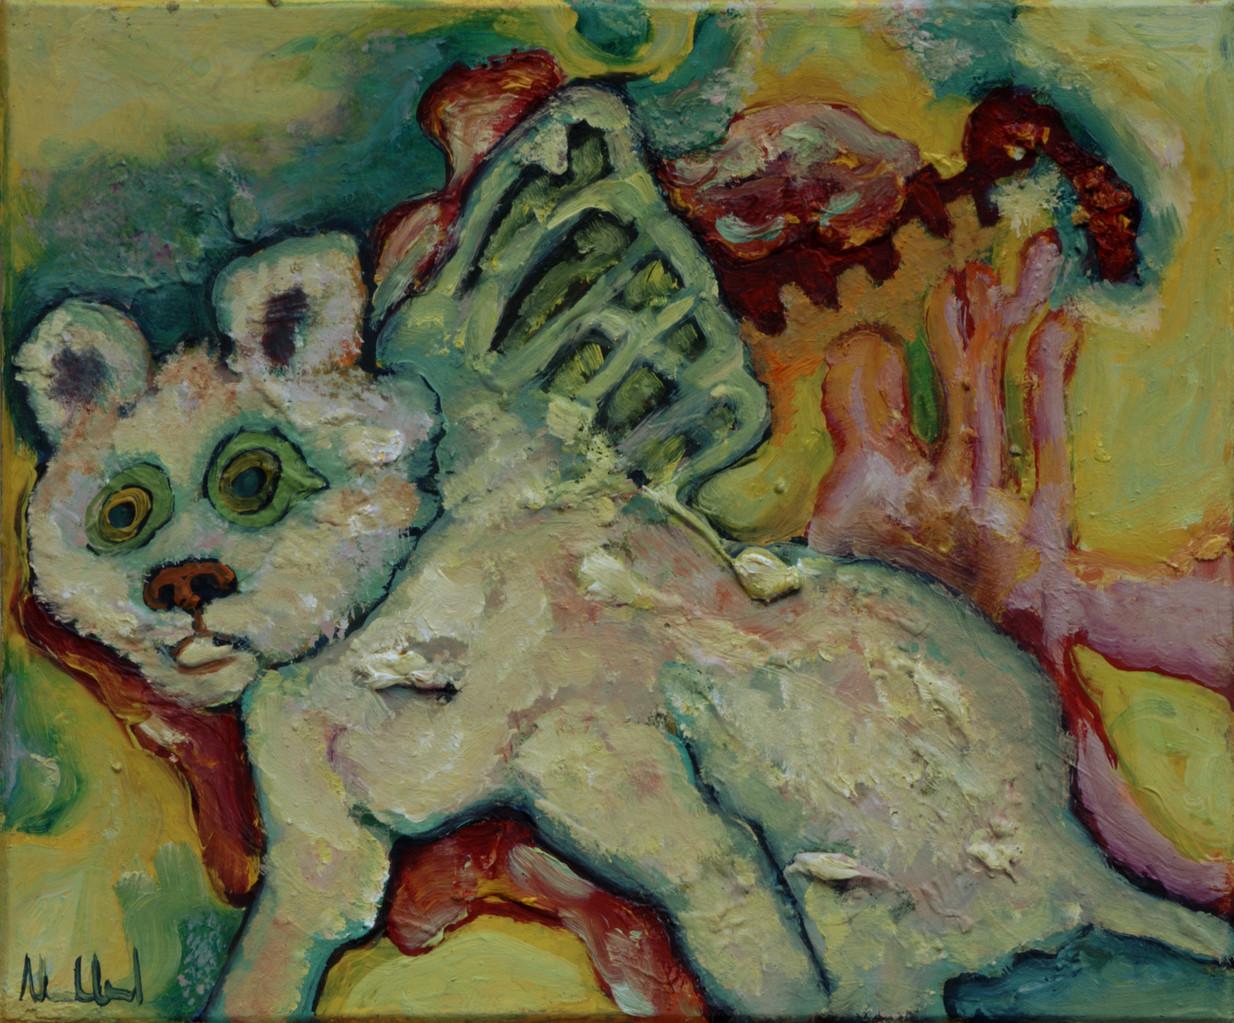 Geflügeltes Wesen · 2013, Acryl Öl auf Pappe, 15 x 18 cm